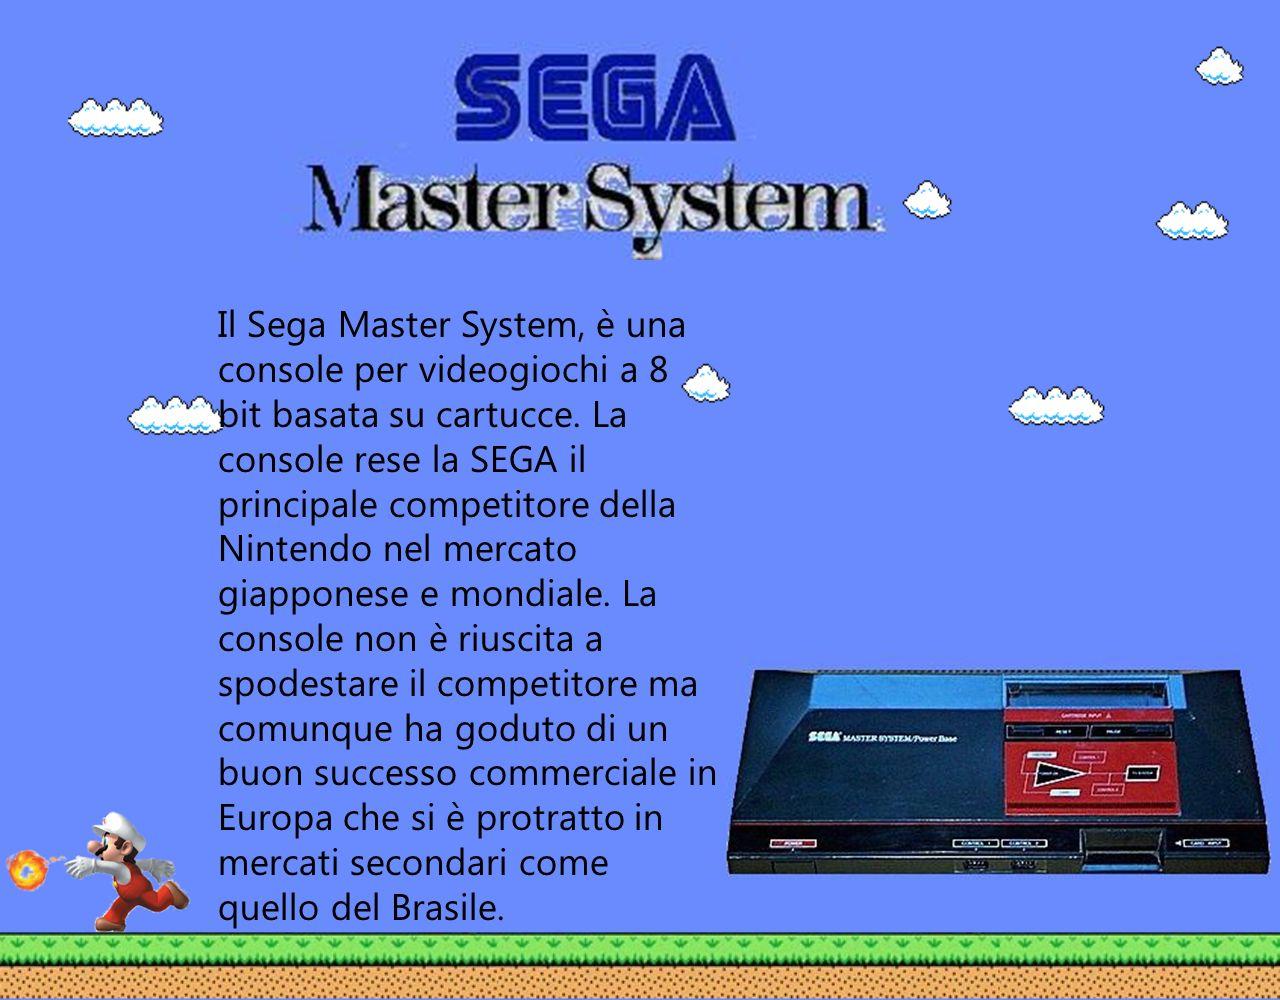 Il Sega Master System, è una console per videogiochi a 8 bit basata su cartucce. La console rese la SEGA il principale competitore della Nintendo nel